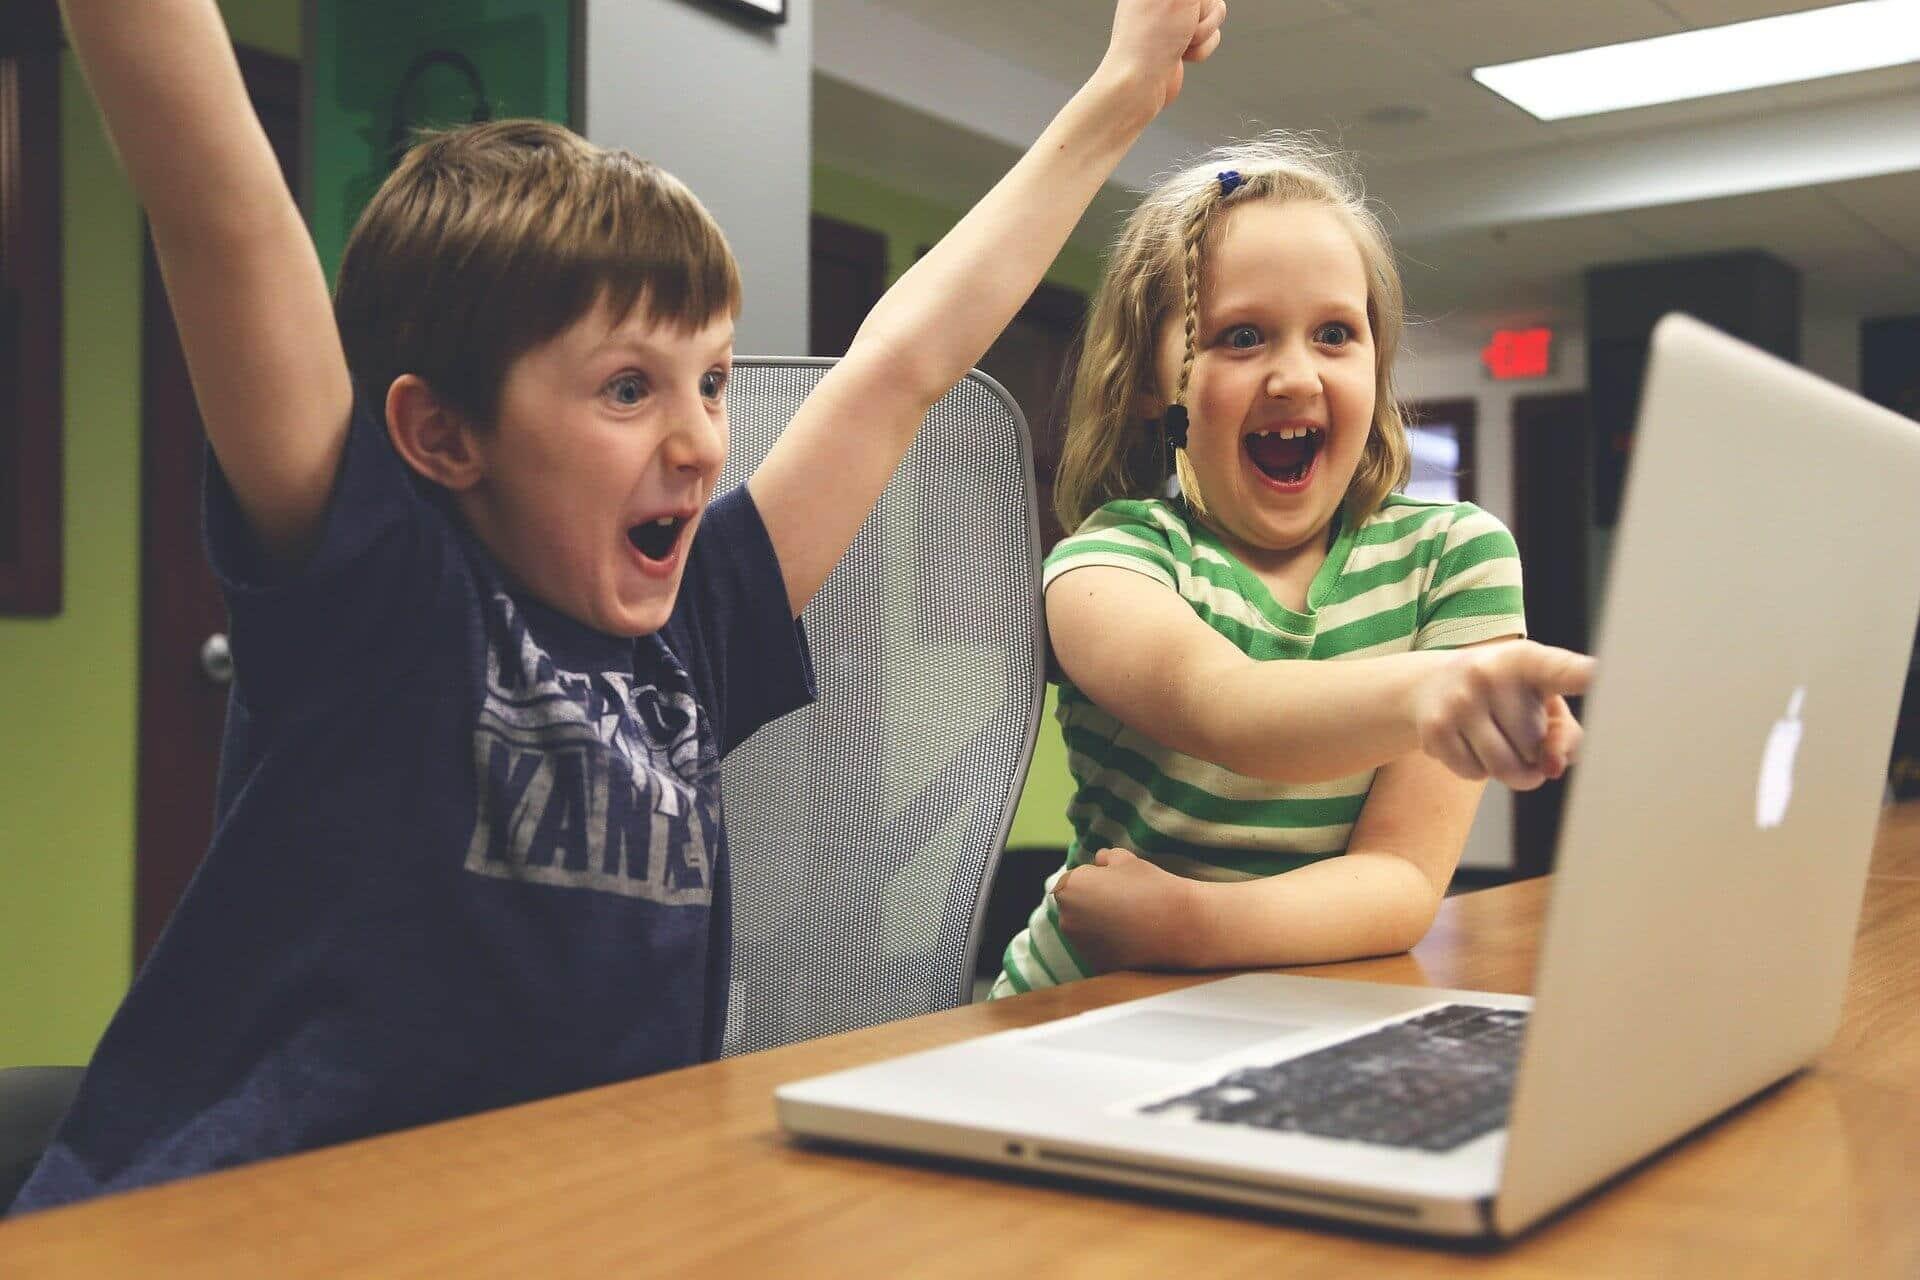 ソーシャルメディアに自分の子供の写真を投稿することの危険